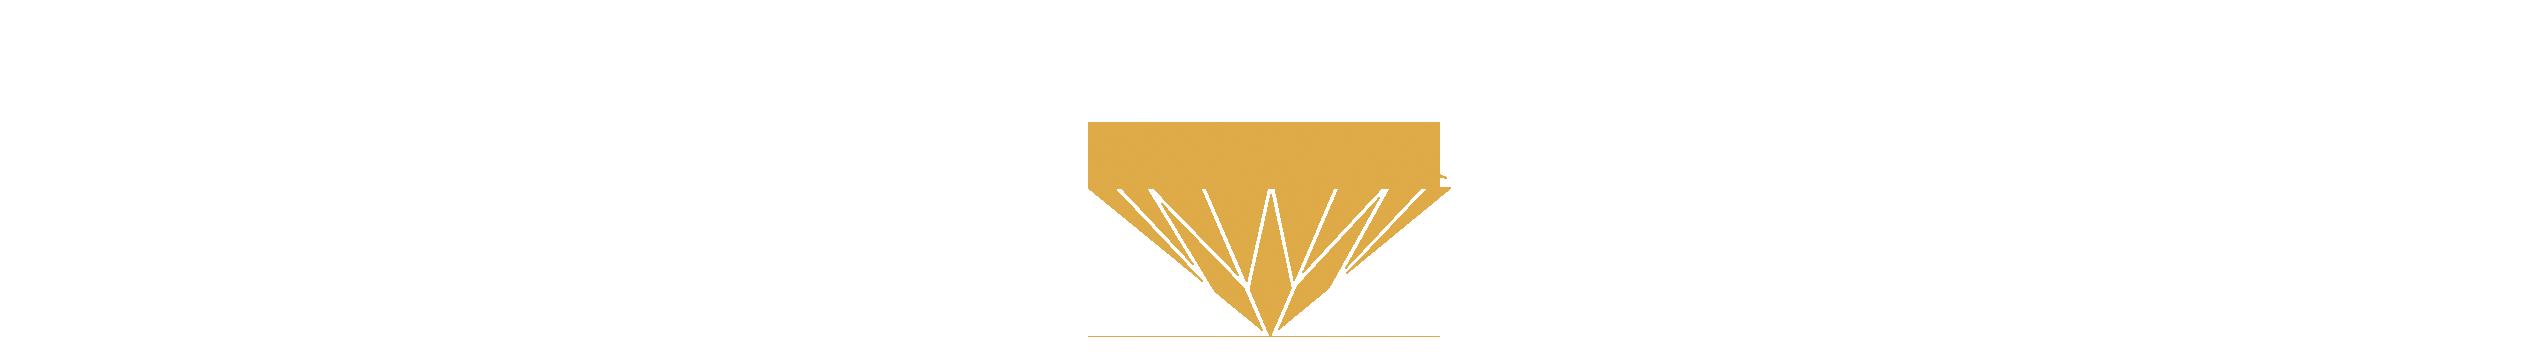 binninger diamanten